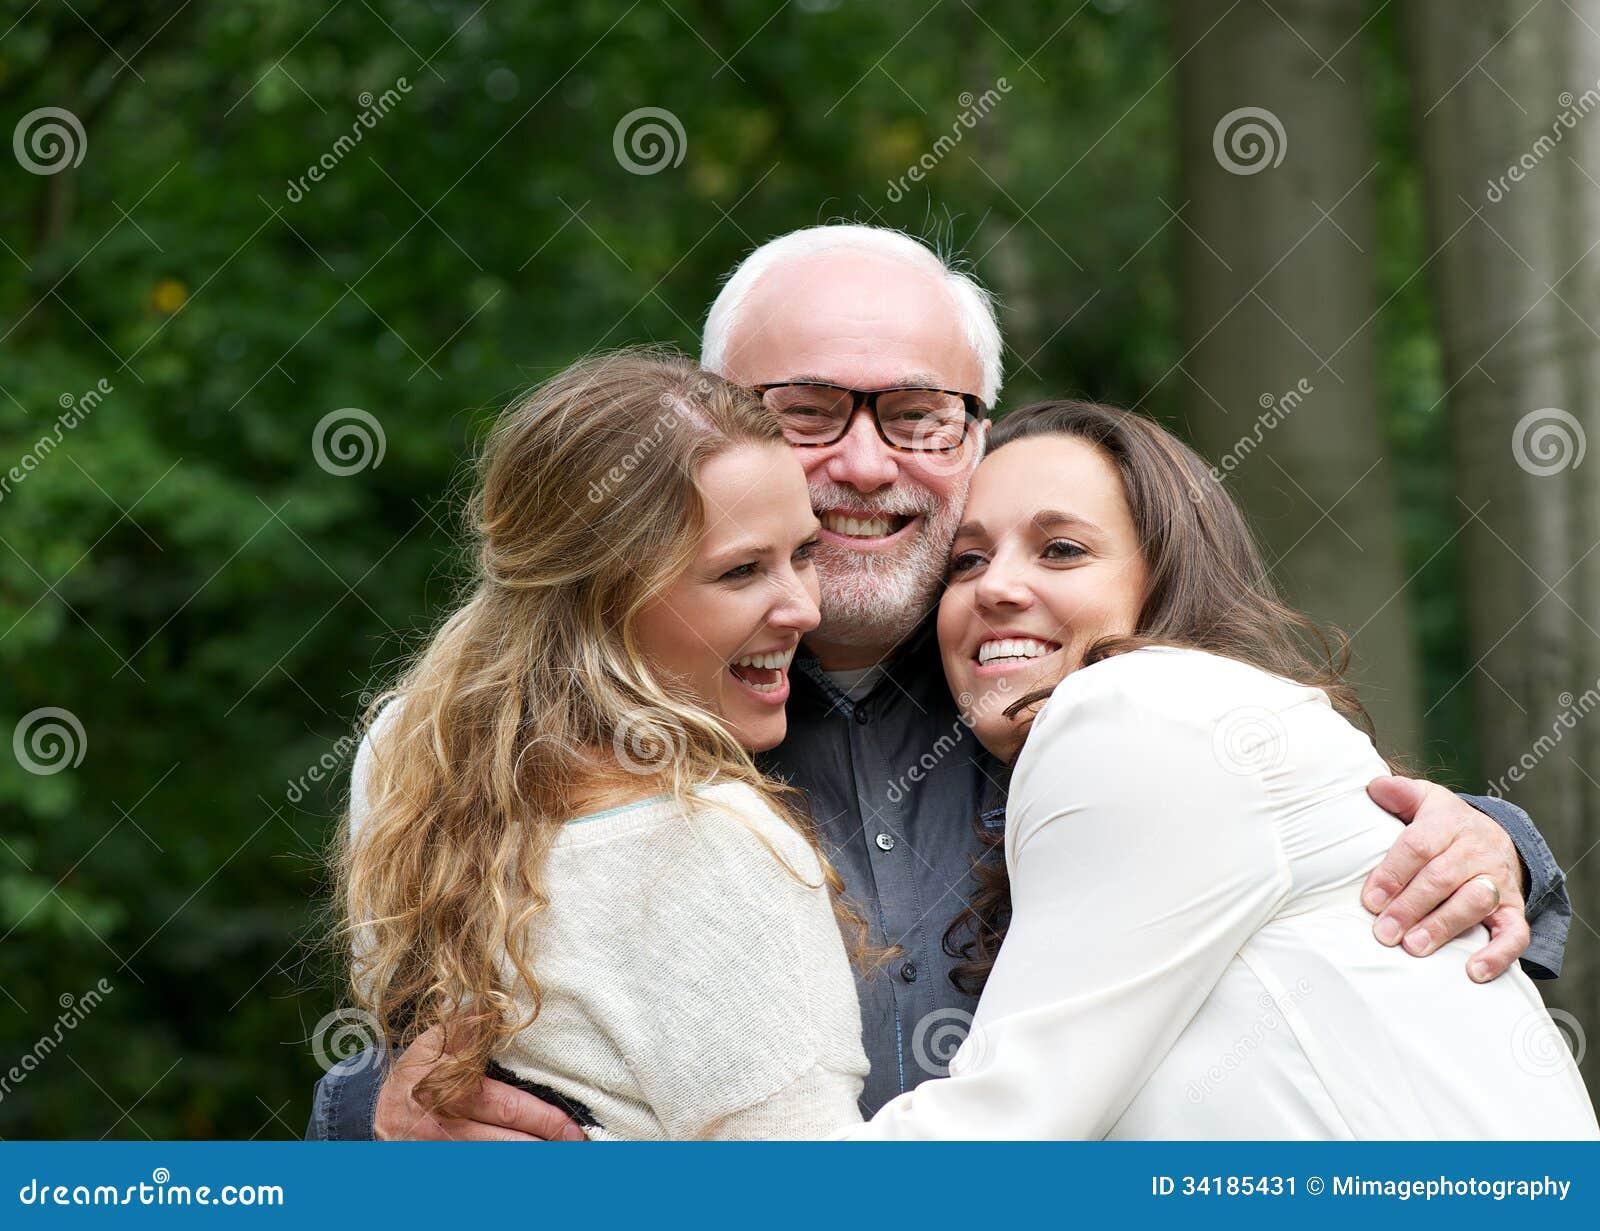 Старый папа и не дочь, Папа и дочь » Порно инцест, подборка самых убойных 20 фотография